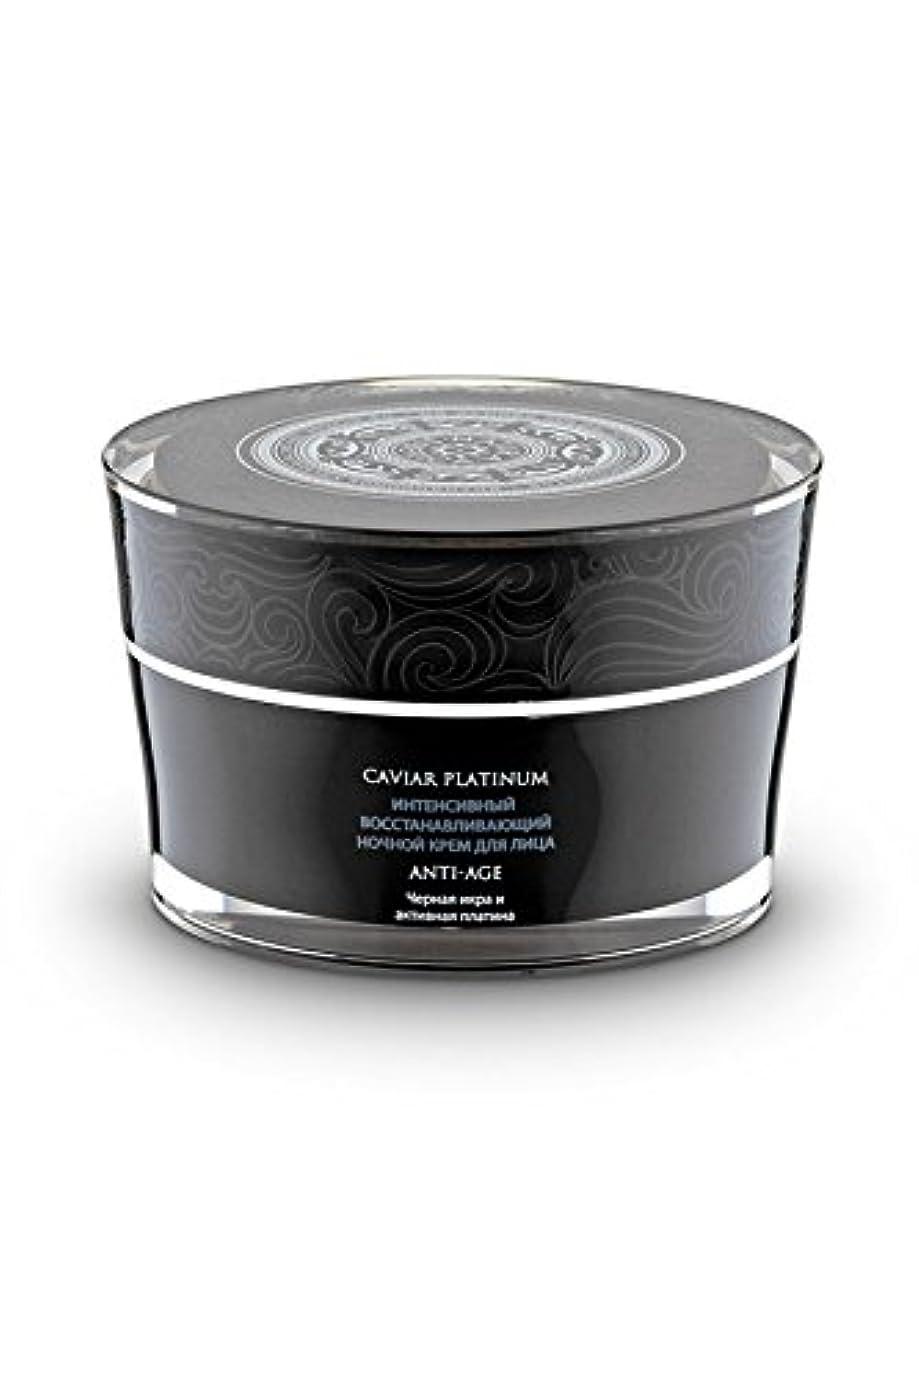 上昇なくなる使い込むナチュラシベリカ キャビア プラチナ Caviar Platinum インセンティブ ナイトフェイスクリーム 50ml